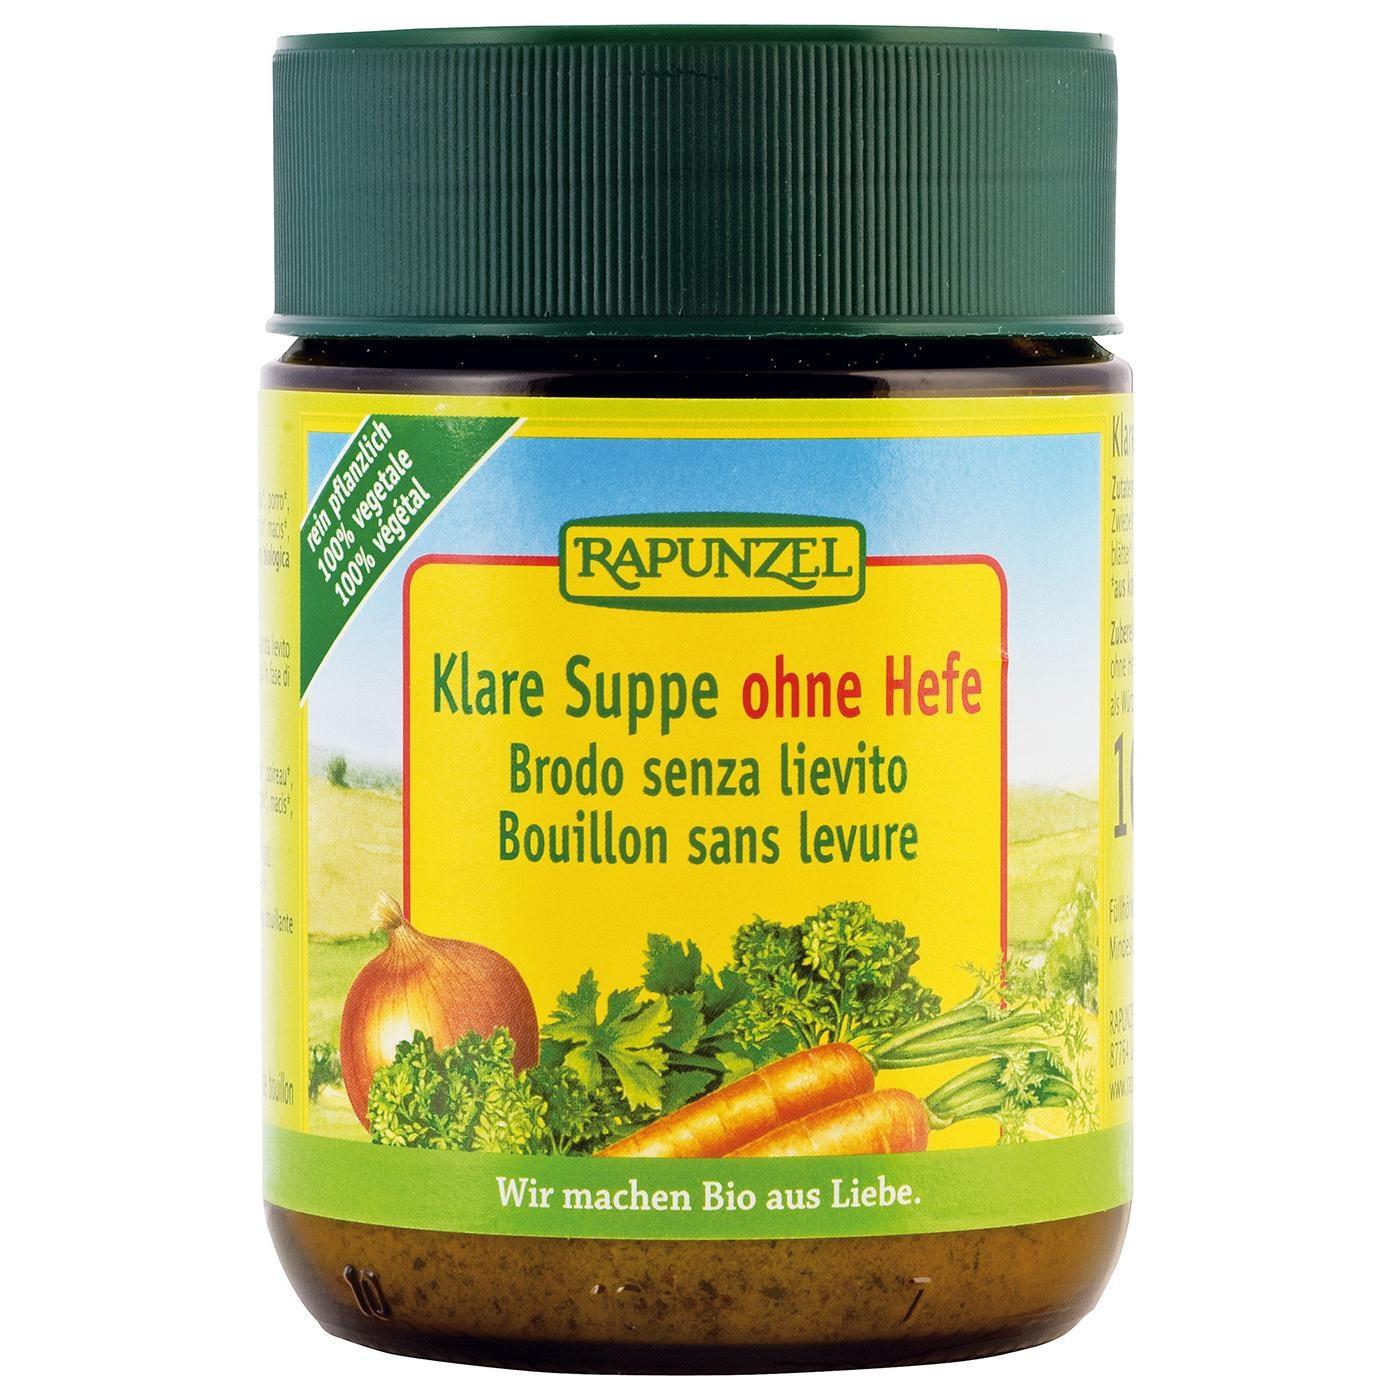 Rapunzel Bio Klare Suppe ohne Hefe 160g